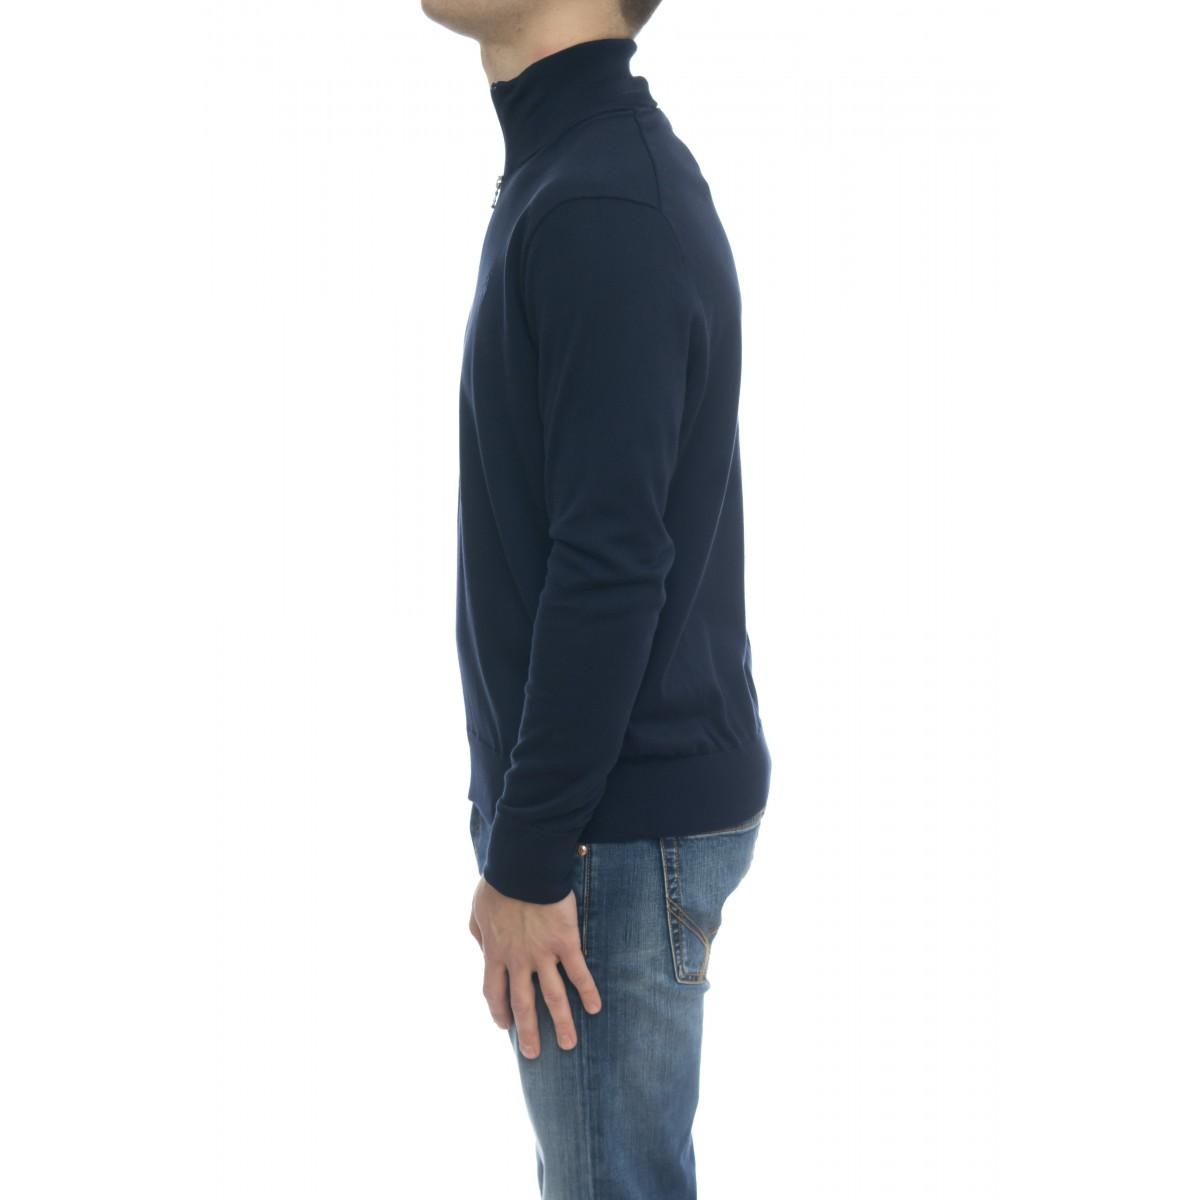 Maglia uomo - 775899 maglia aperta zip